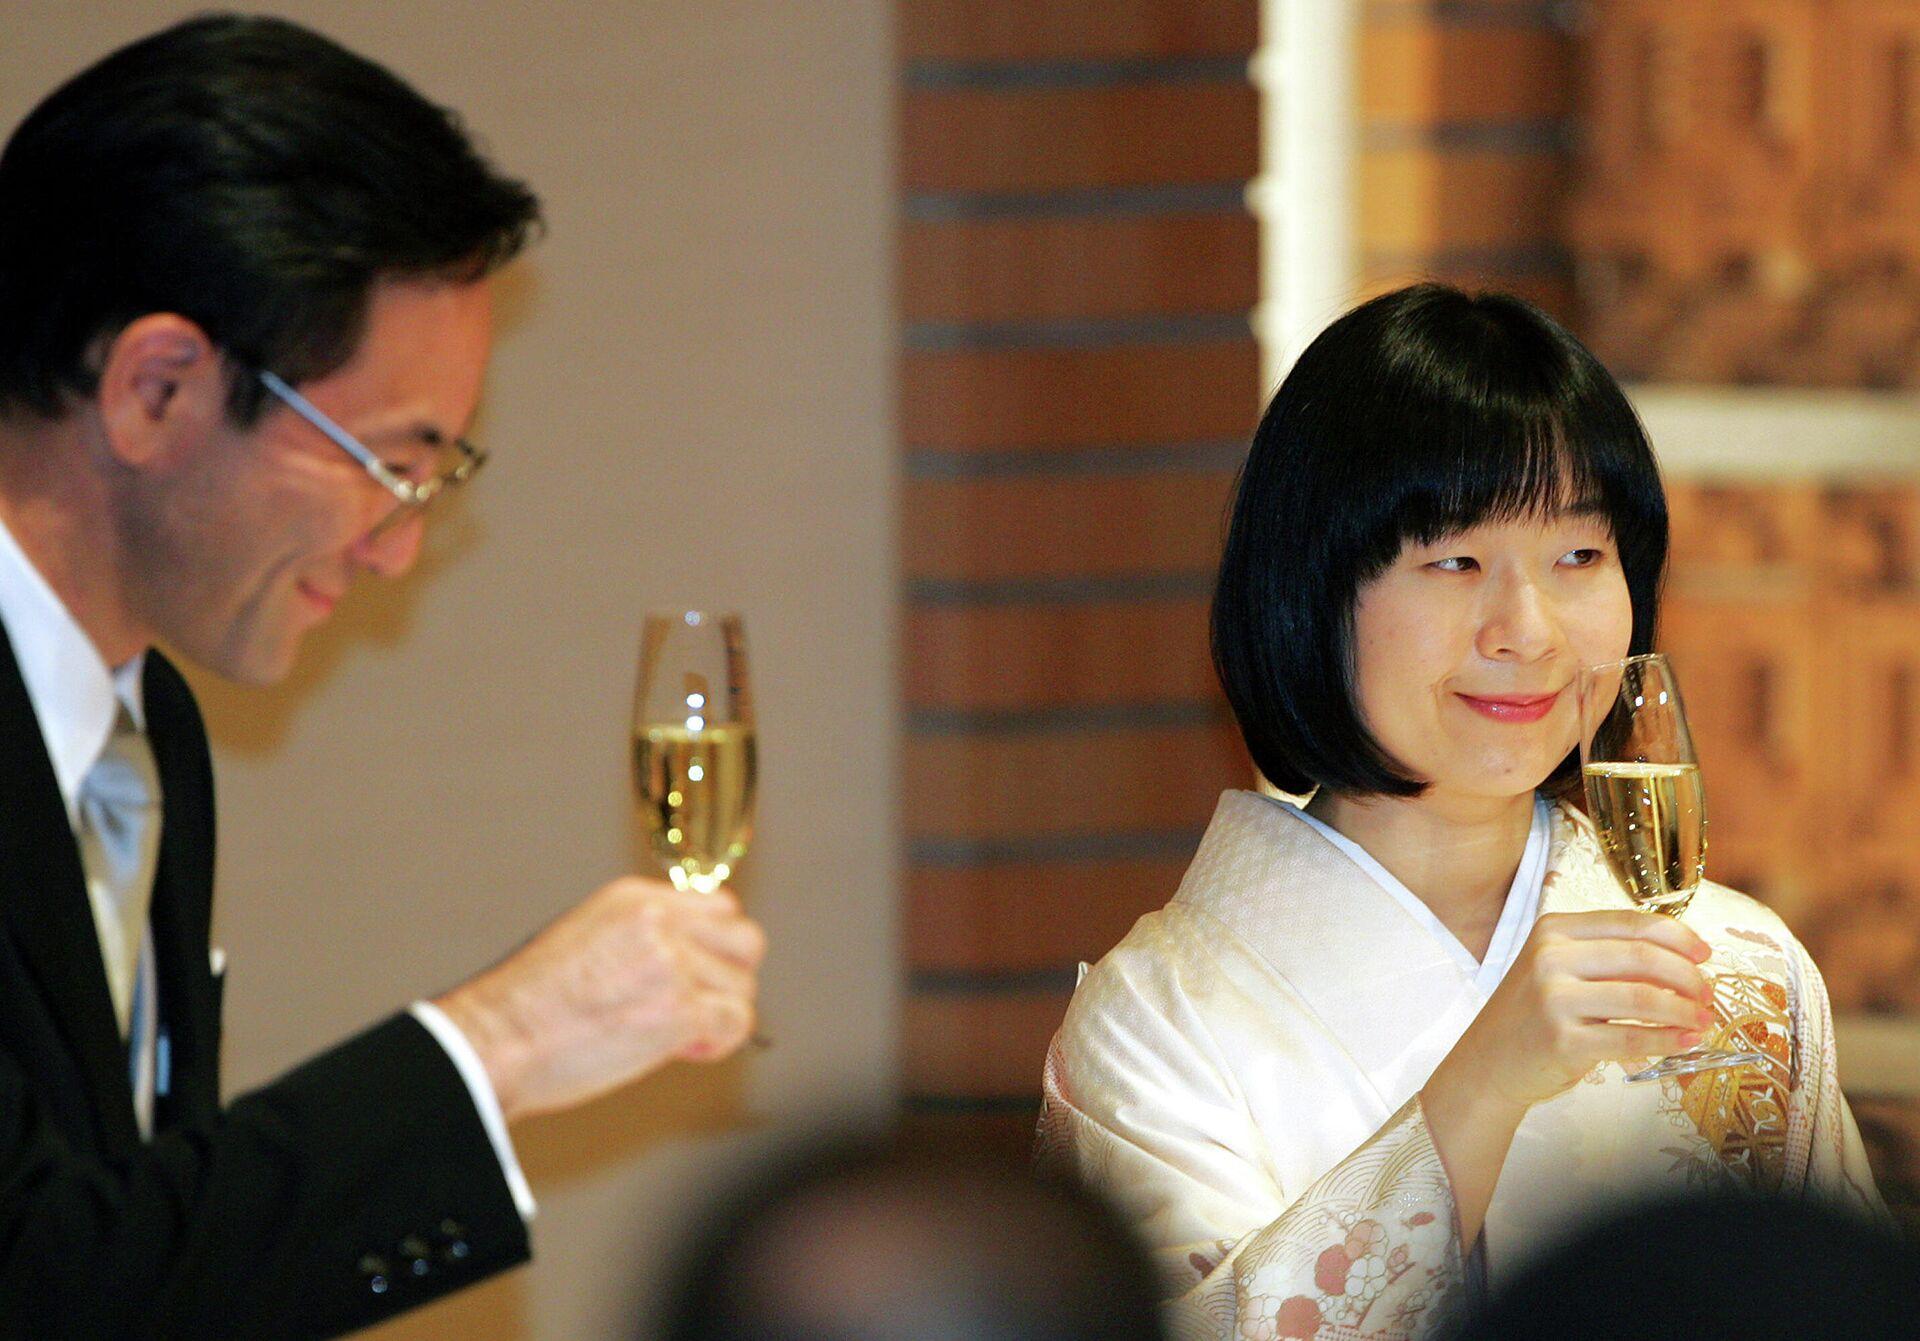 La boda de la princesa Sayako y Yoshiki Kuroda - Sputnik Mundo, 1920, 29.09.2021